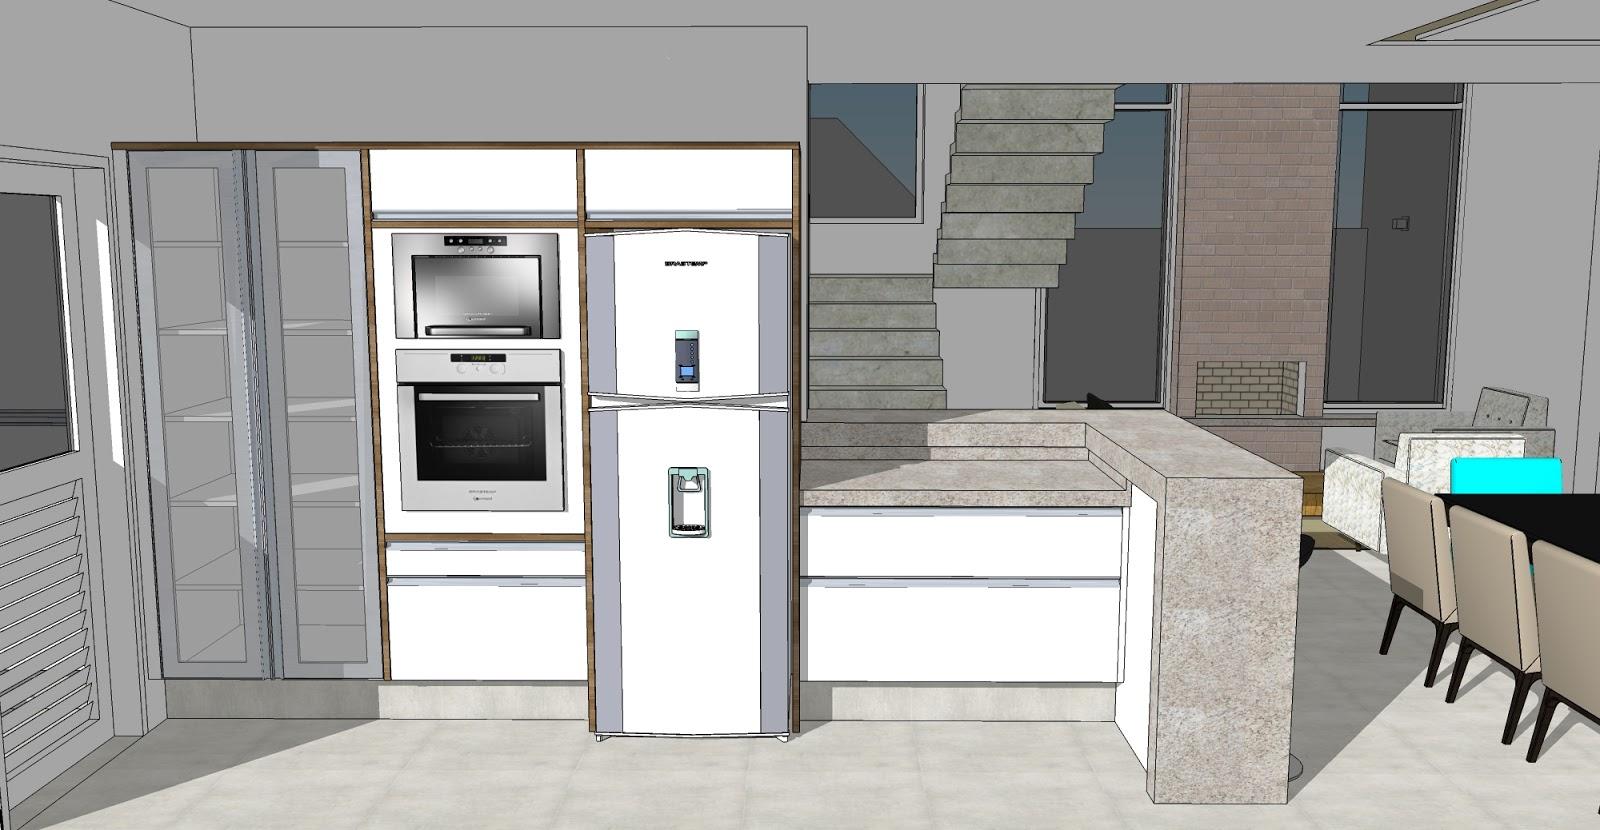 #614E38 Não gosto muito desses puxadores para os armários vocês conhecem  1600x830 px Projetos De Cozinha De Madeira #291 imagens